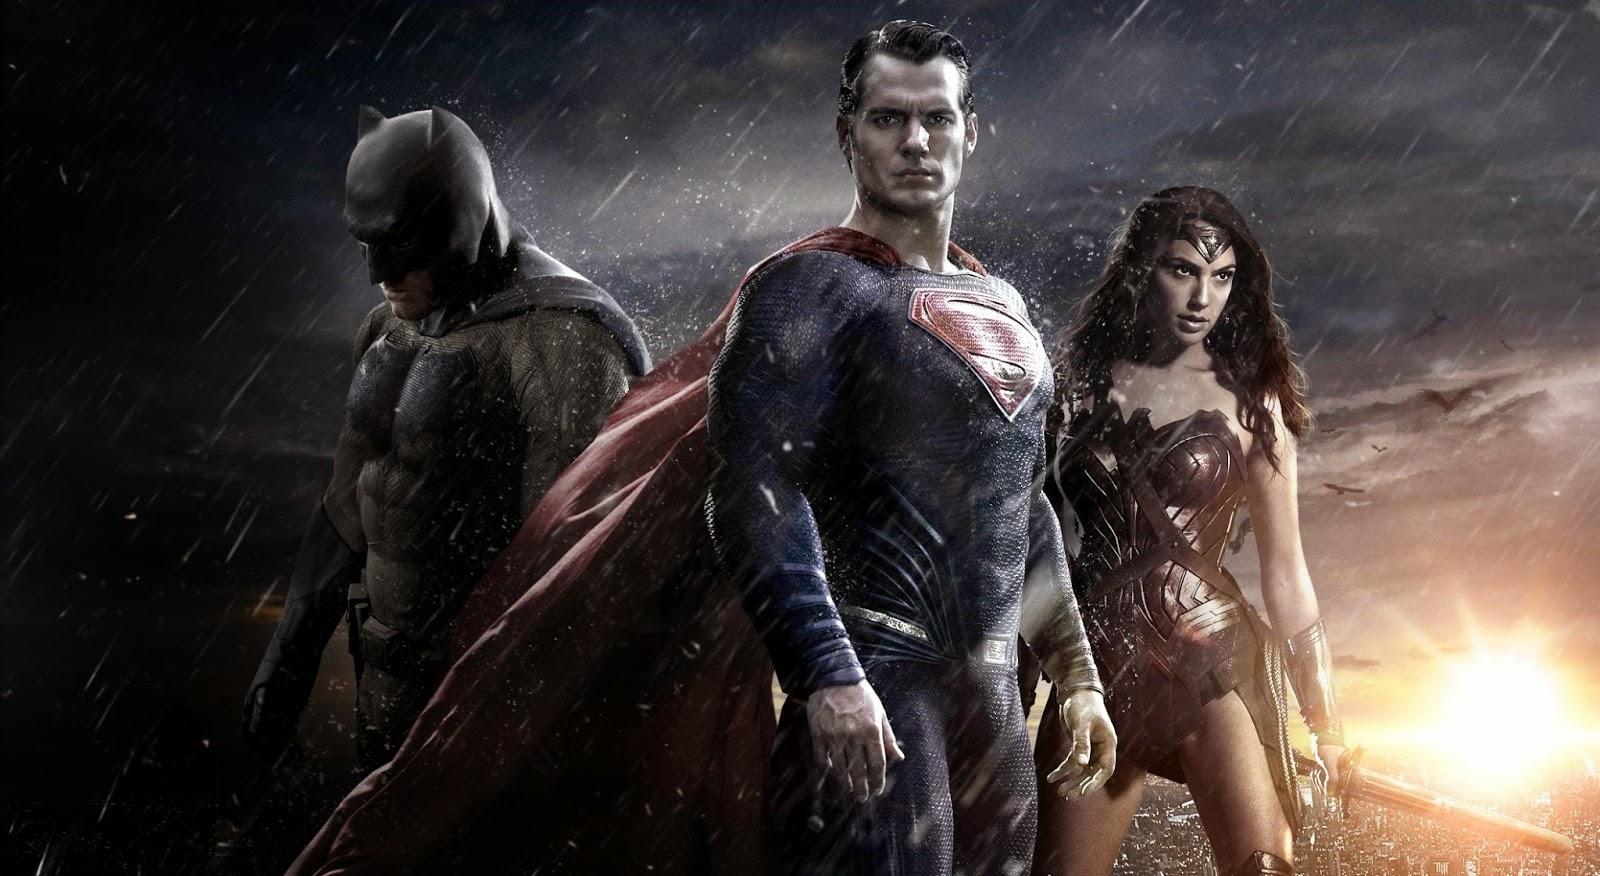 Imprensa Vs Bilheteria Seria Batman Vs Superman forte demais para ser abalado pelas críticas negativas